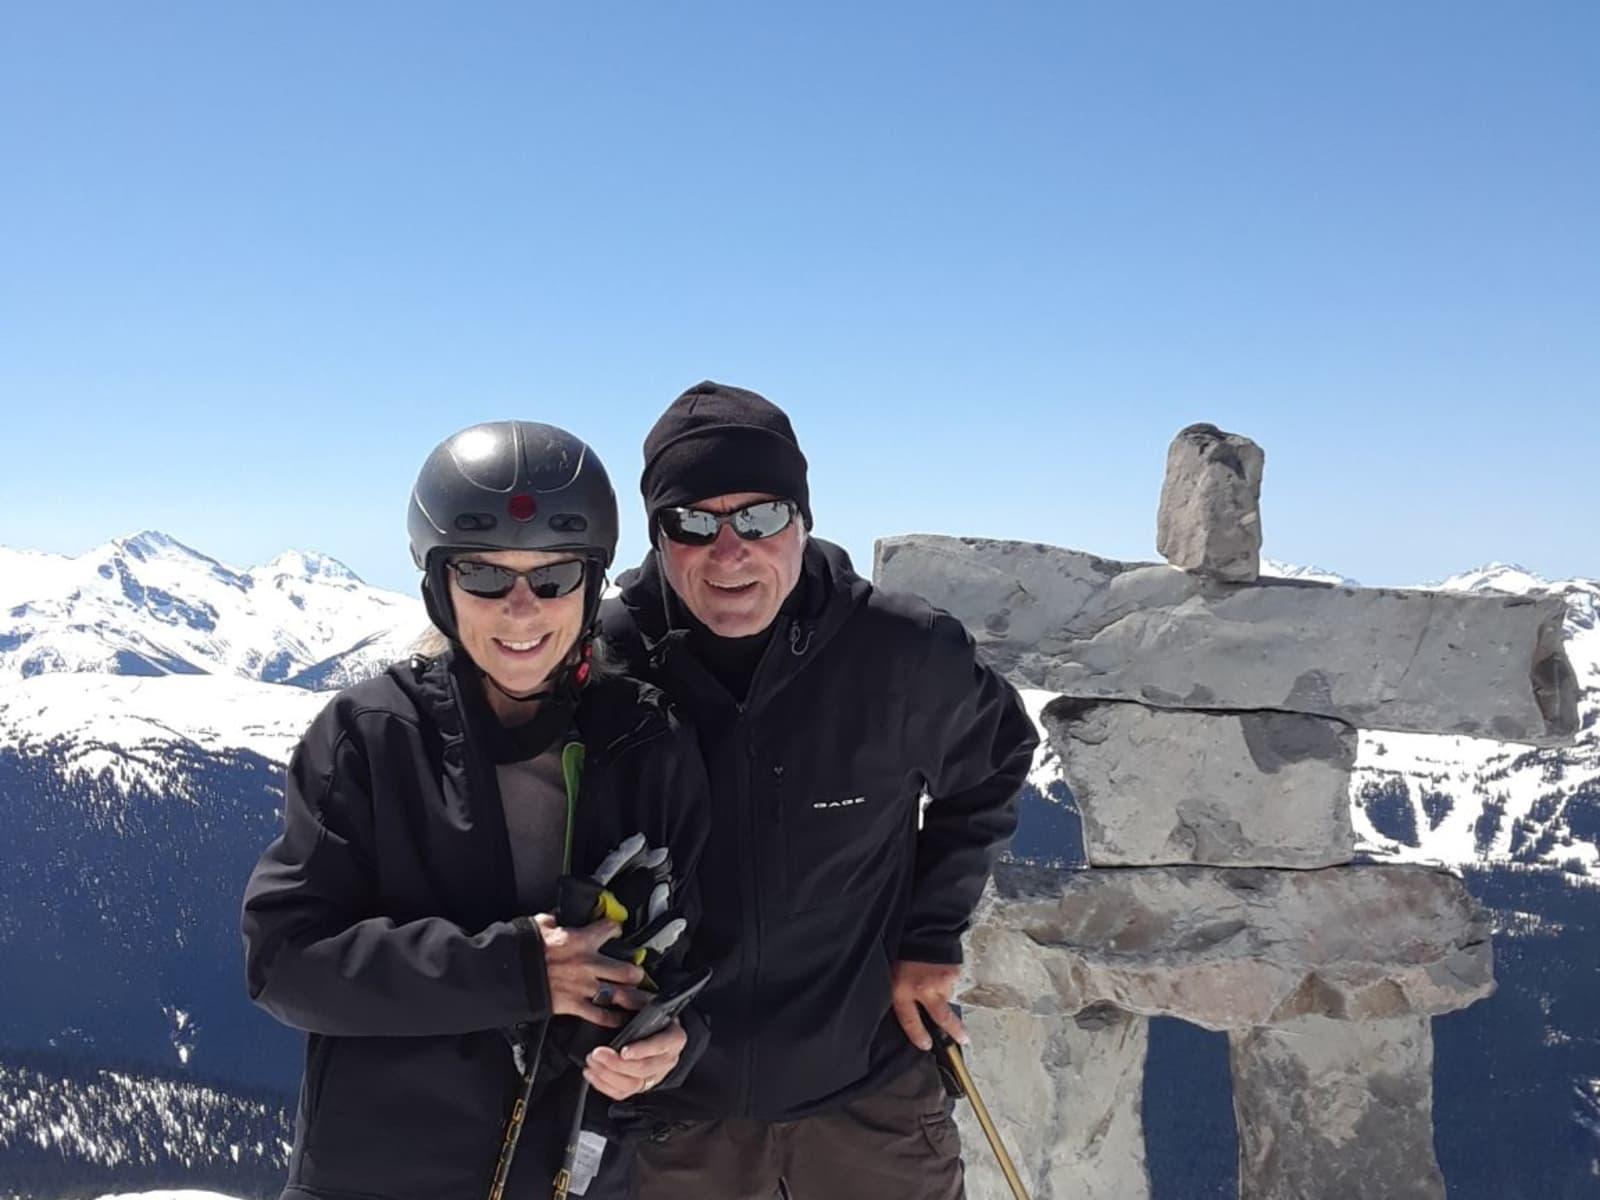 Robert & Lynn from Sherbrooke, Quebec, Canada